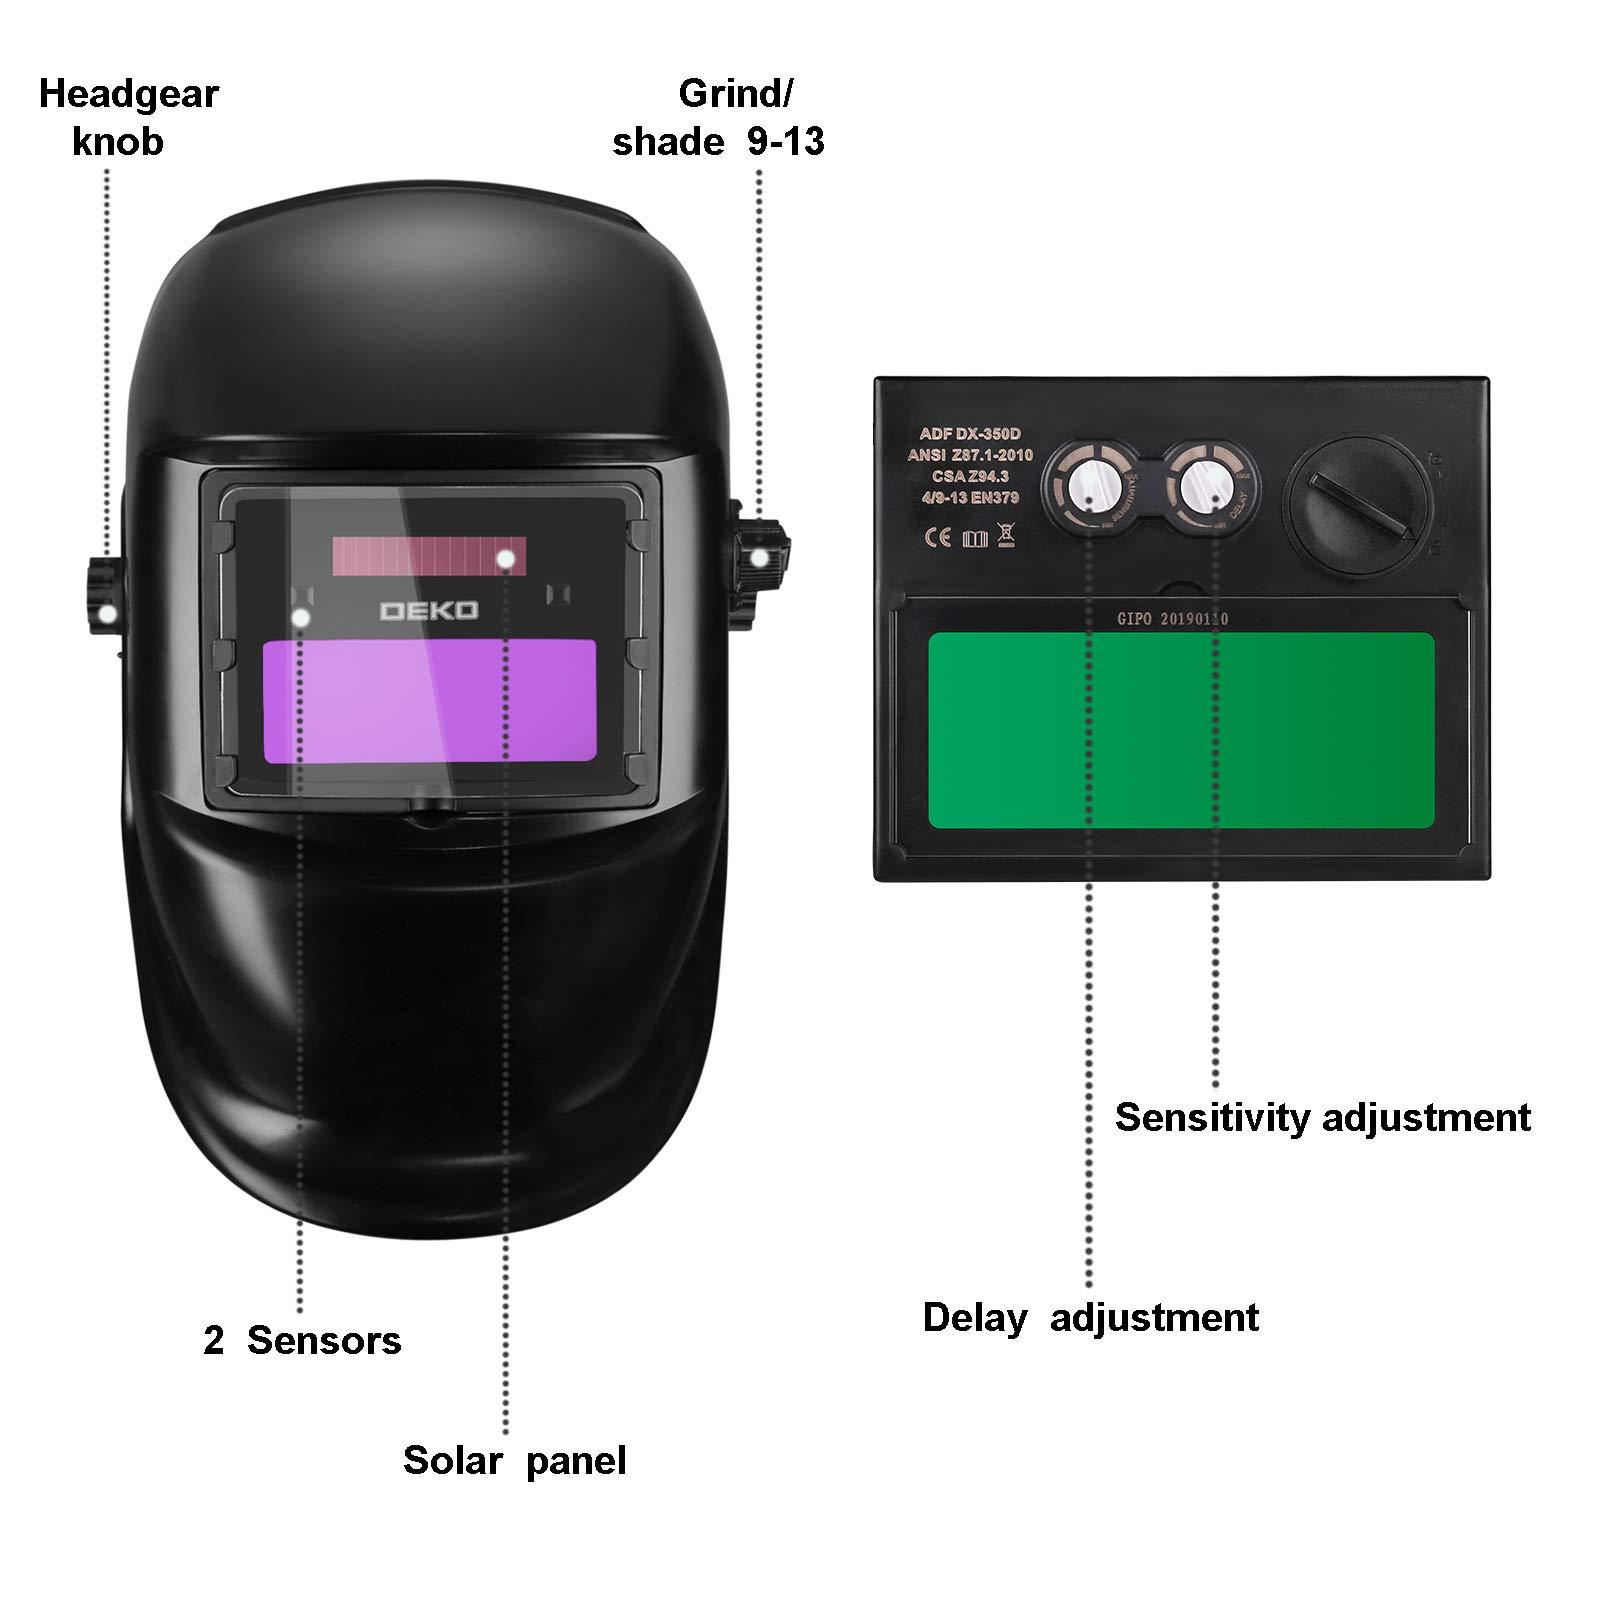 DEKOPRO Auto Darkening Solar Welding Helmet ARC TIG MIG Weld Welder Lens Grinding Mask New Black Design by DEKOPRO (Image #2)